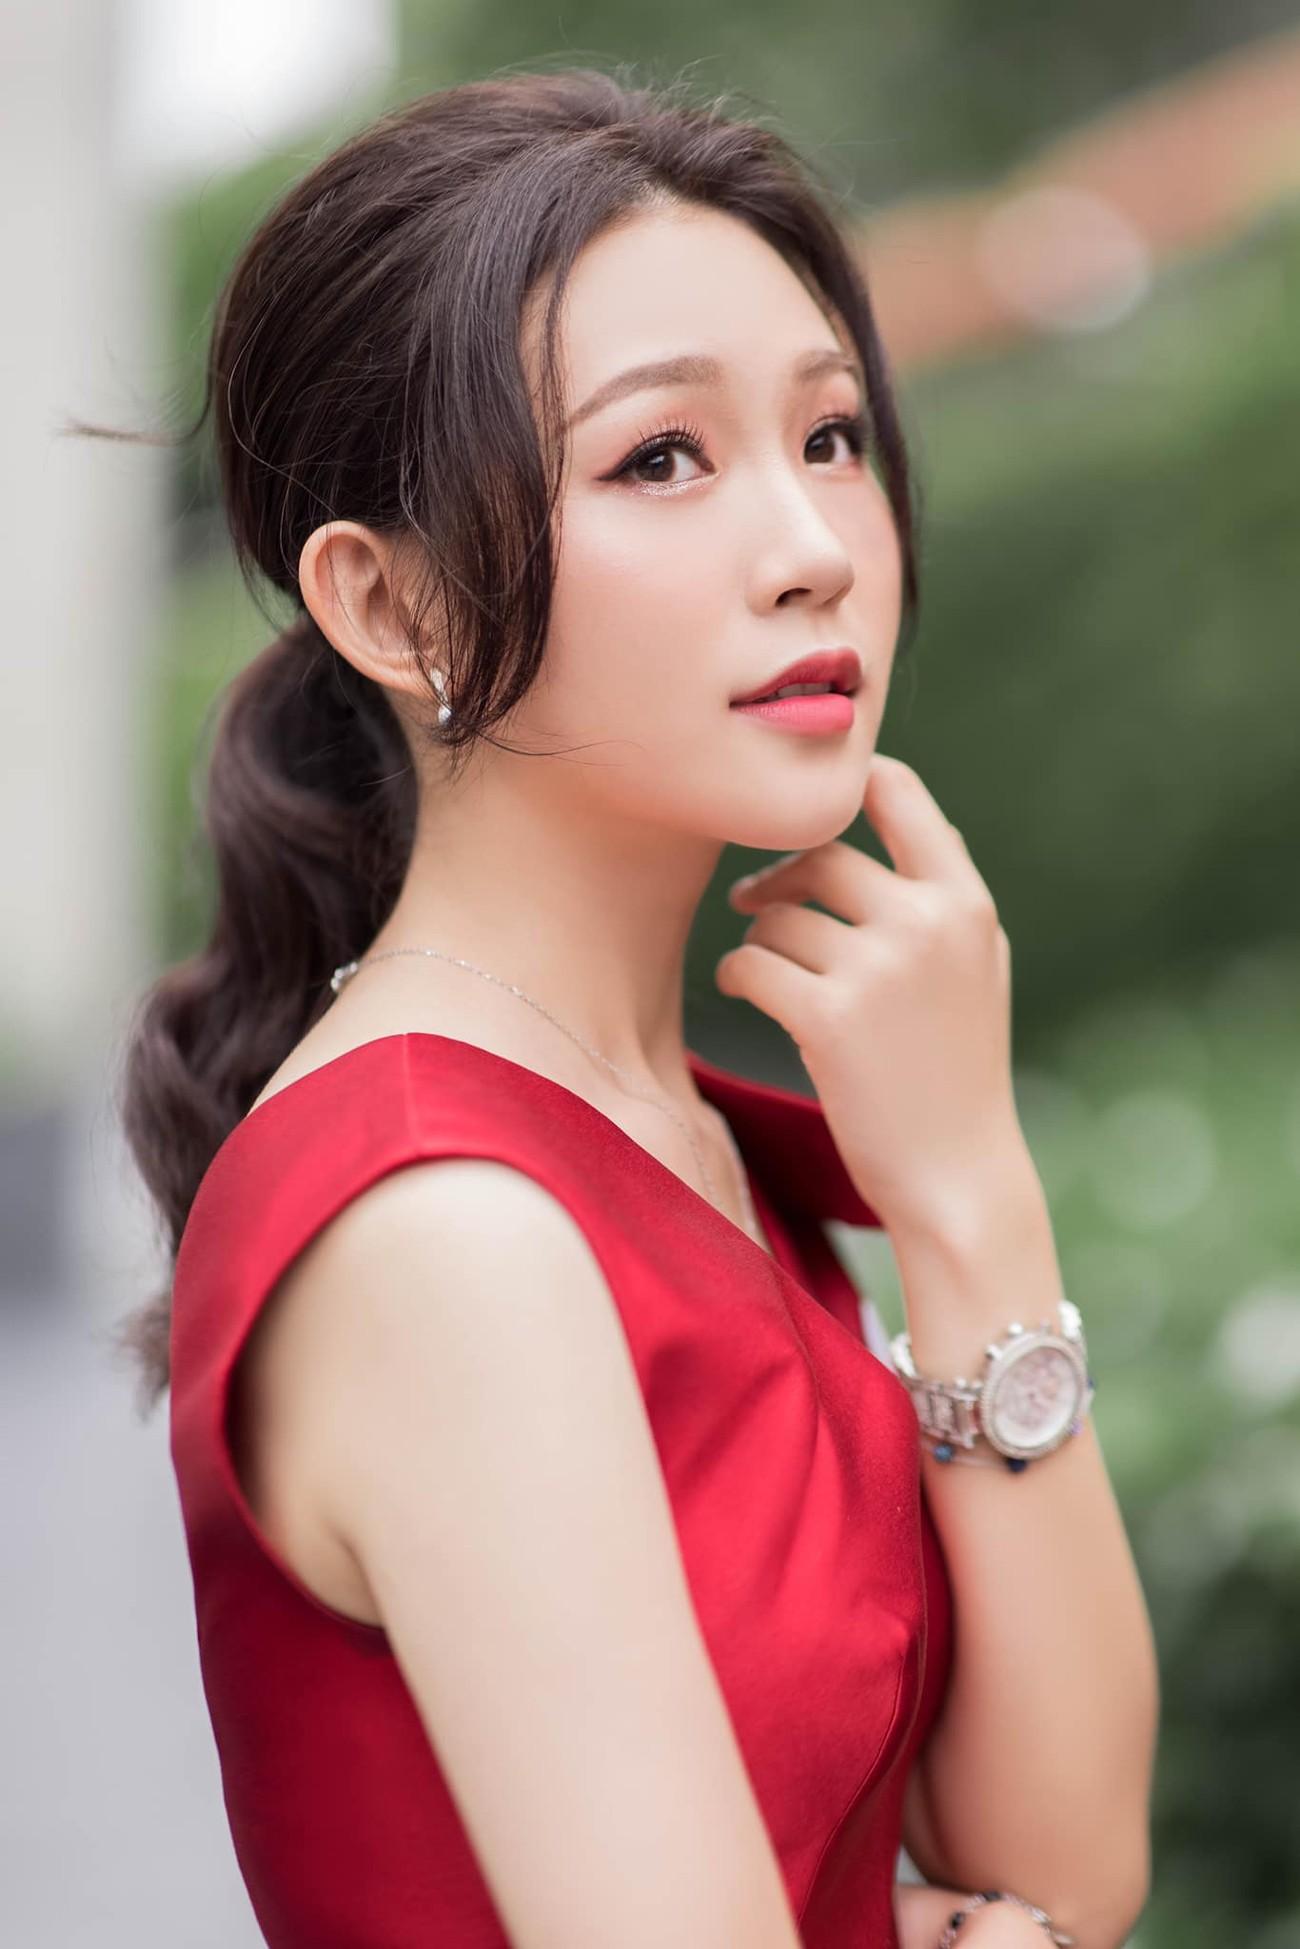 Nhan sắc tựa nàng thơ của 'Người đẹp được yêu thích nhất' Hoa hậu Việt Nam 2020 ảnh 6